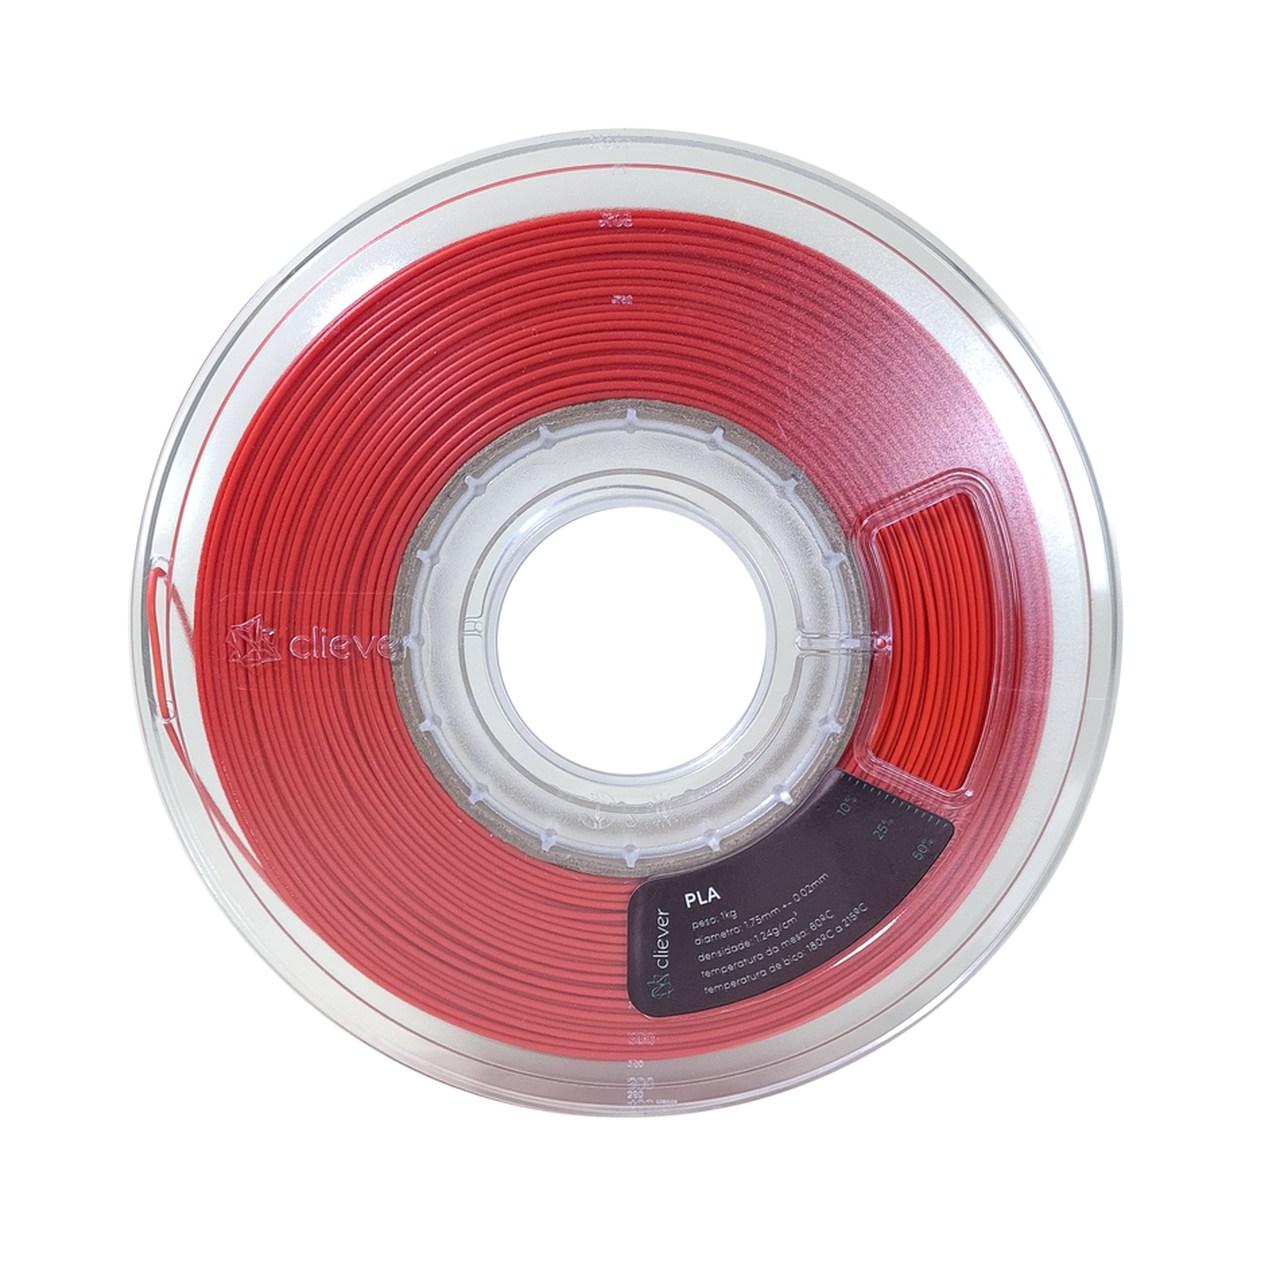 Filamento PLA - Terracota - Cliever - 1.75mm - 1kg